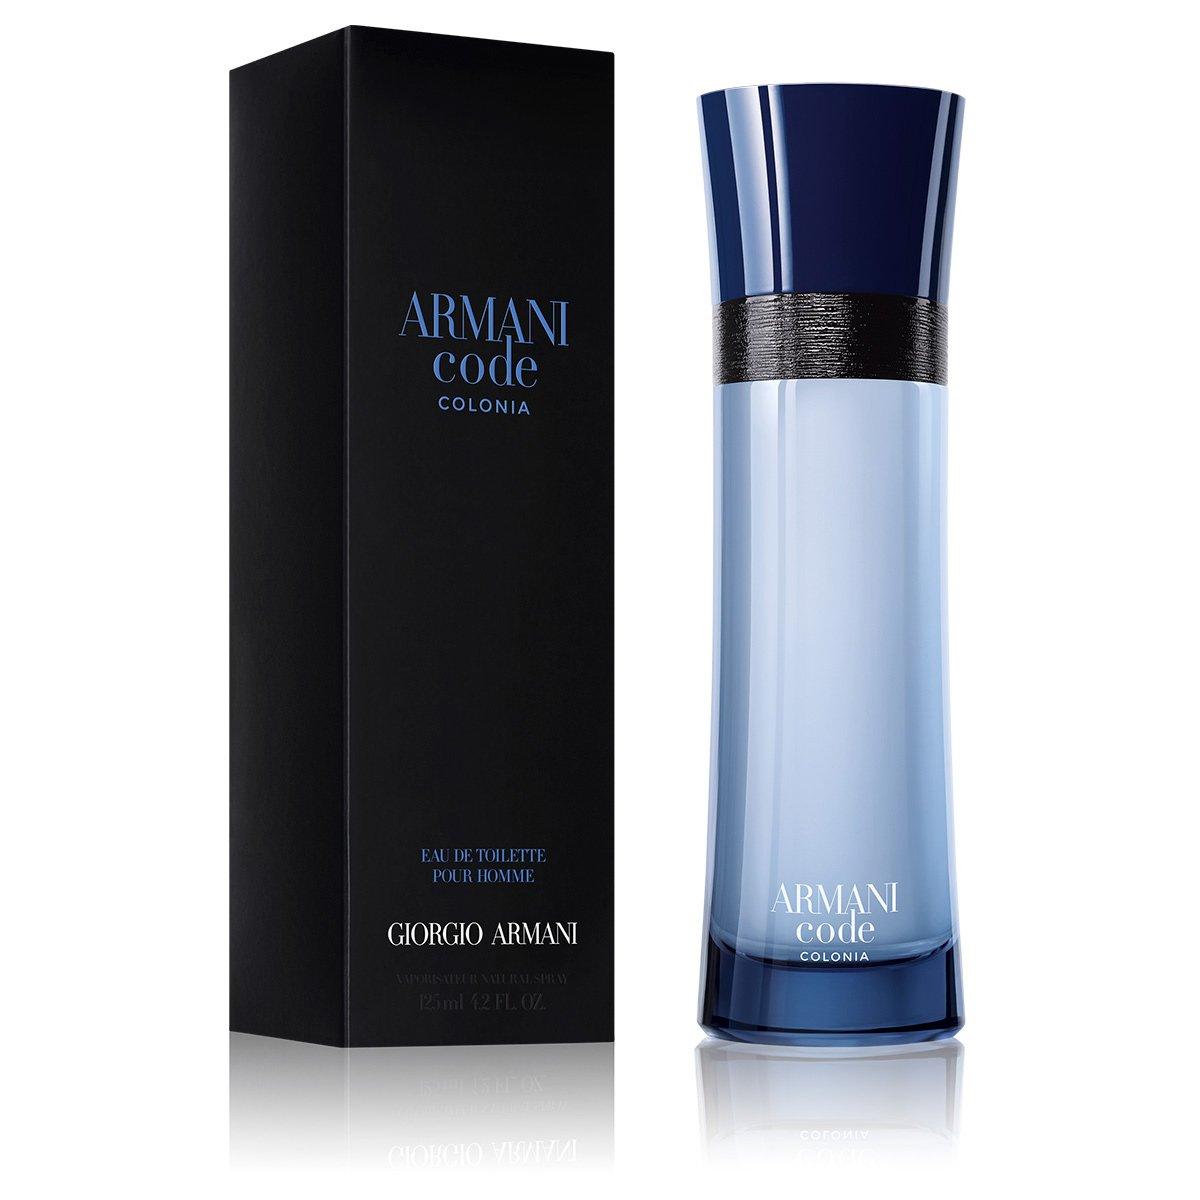 033ccd6b1dd Giorgio Armani Perfume Masculino Armani Code Colonia 125ml - Incolor -  Compre Agora